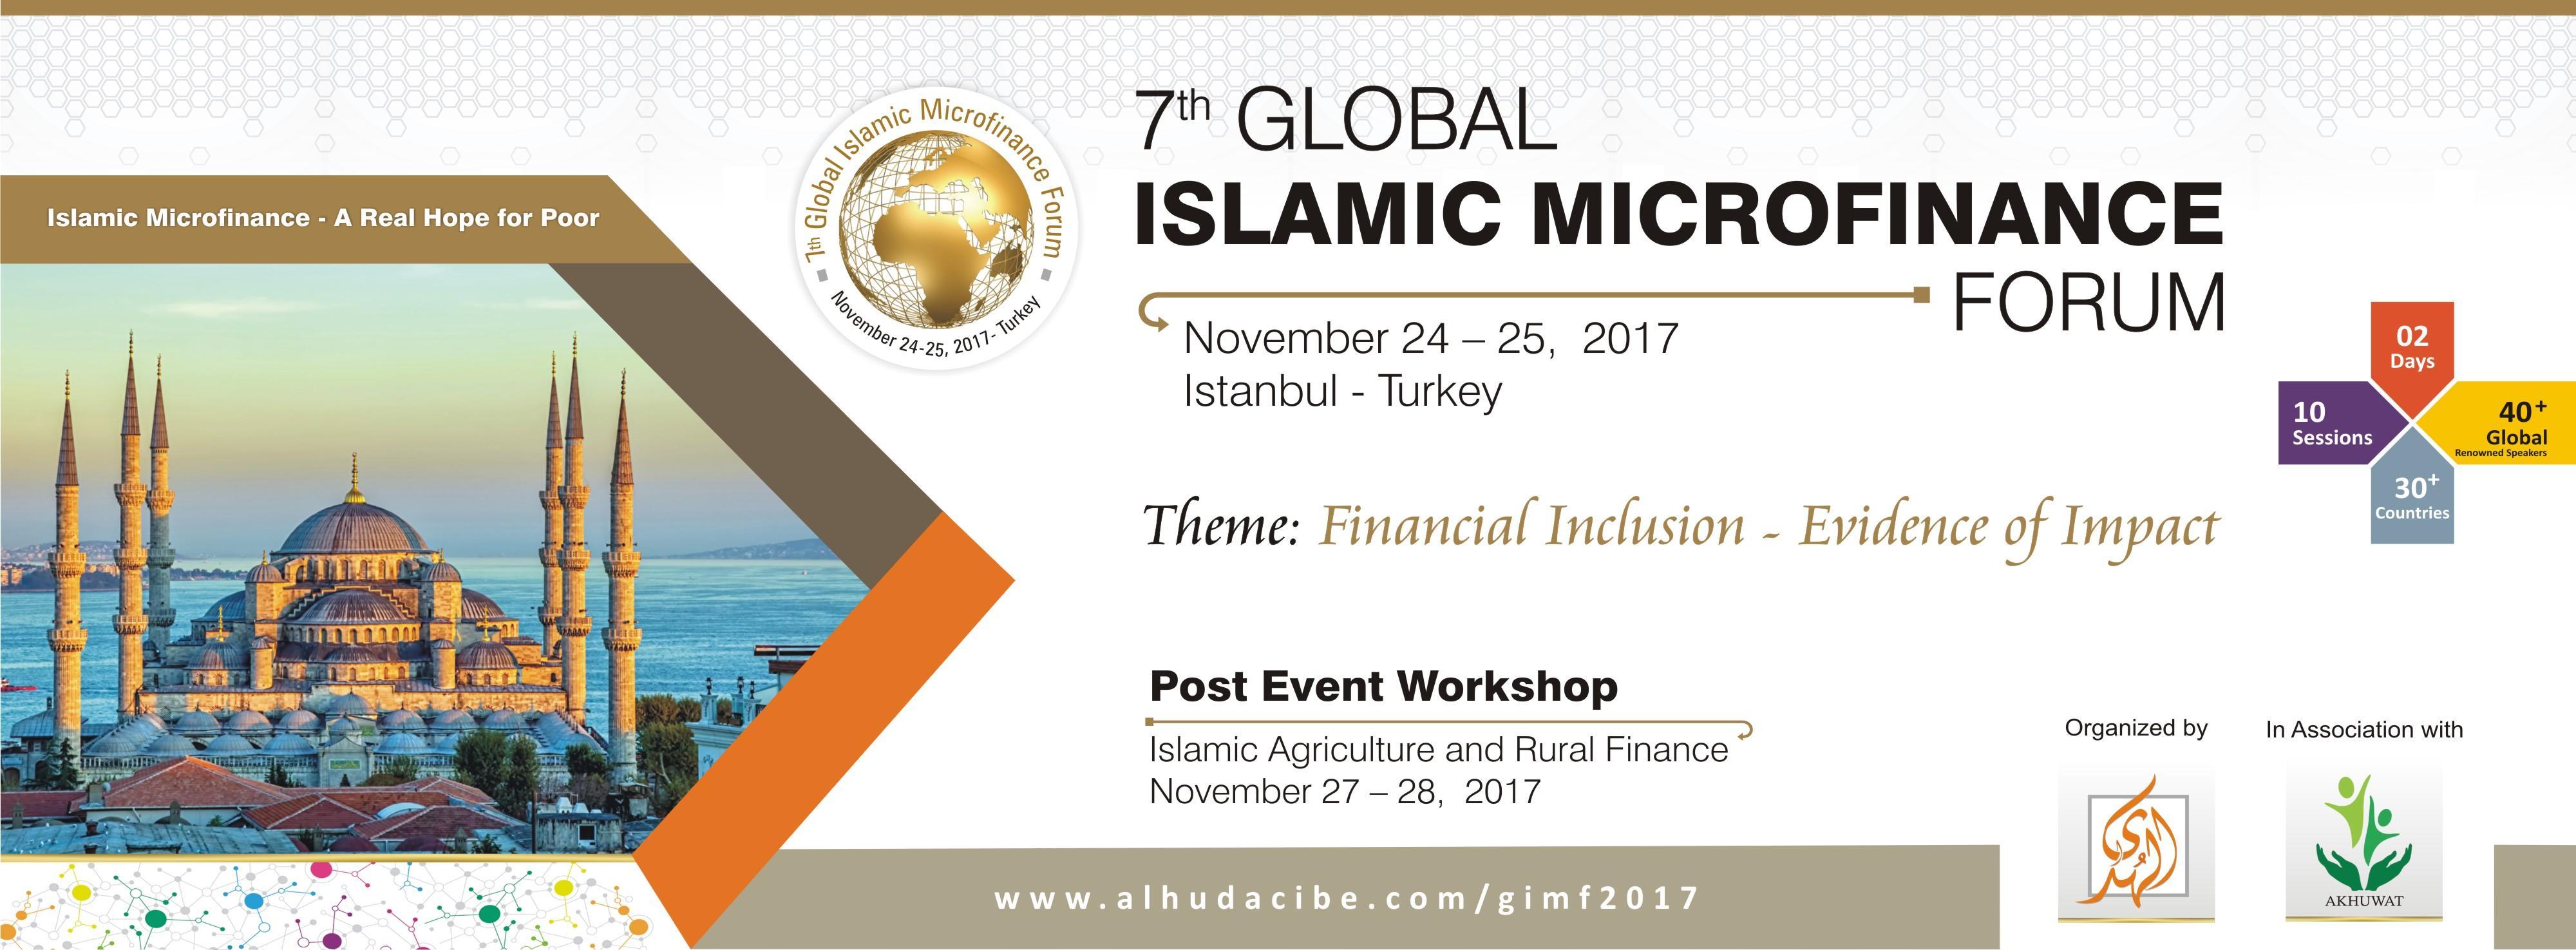 7th Global Islamic Microfinance Forum Etkinlik Afişi